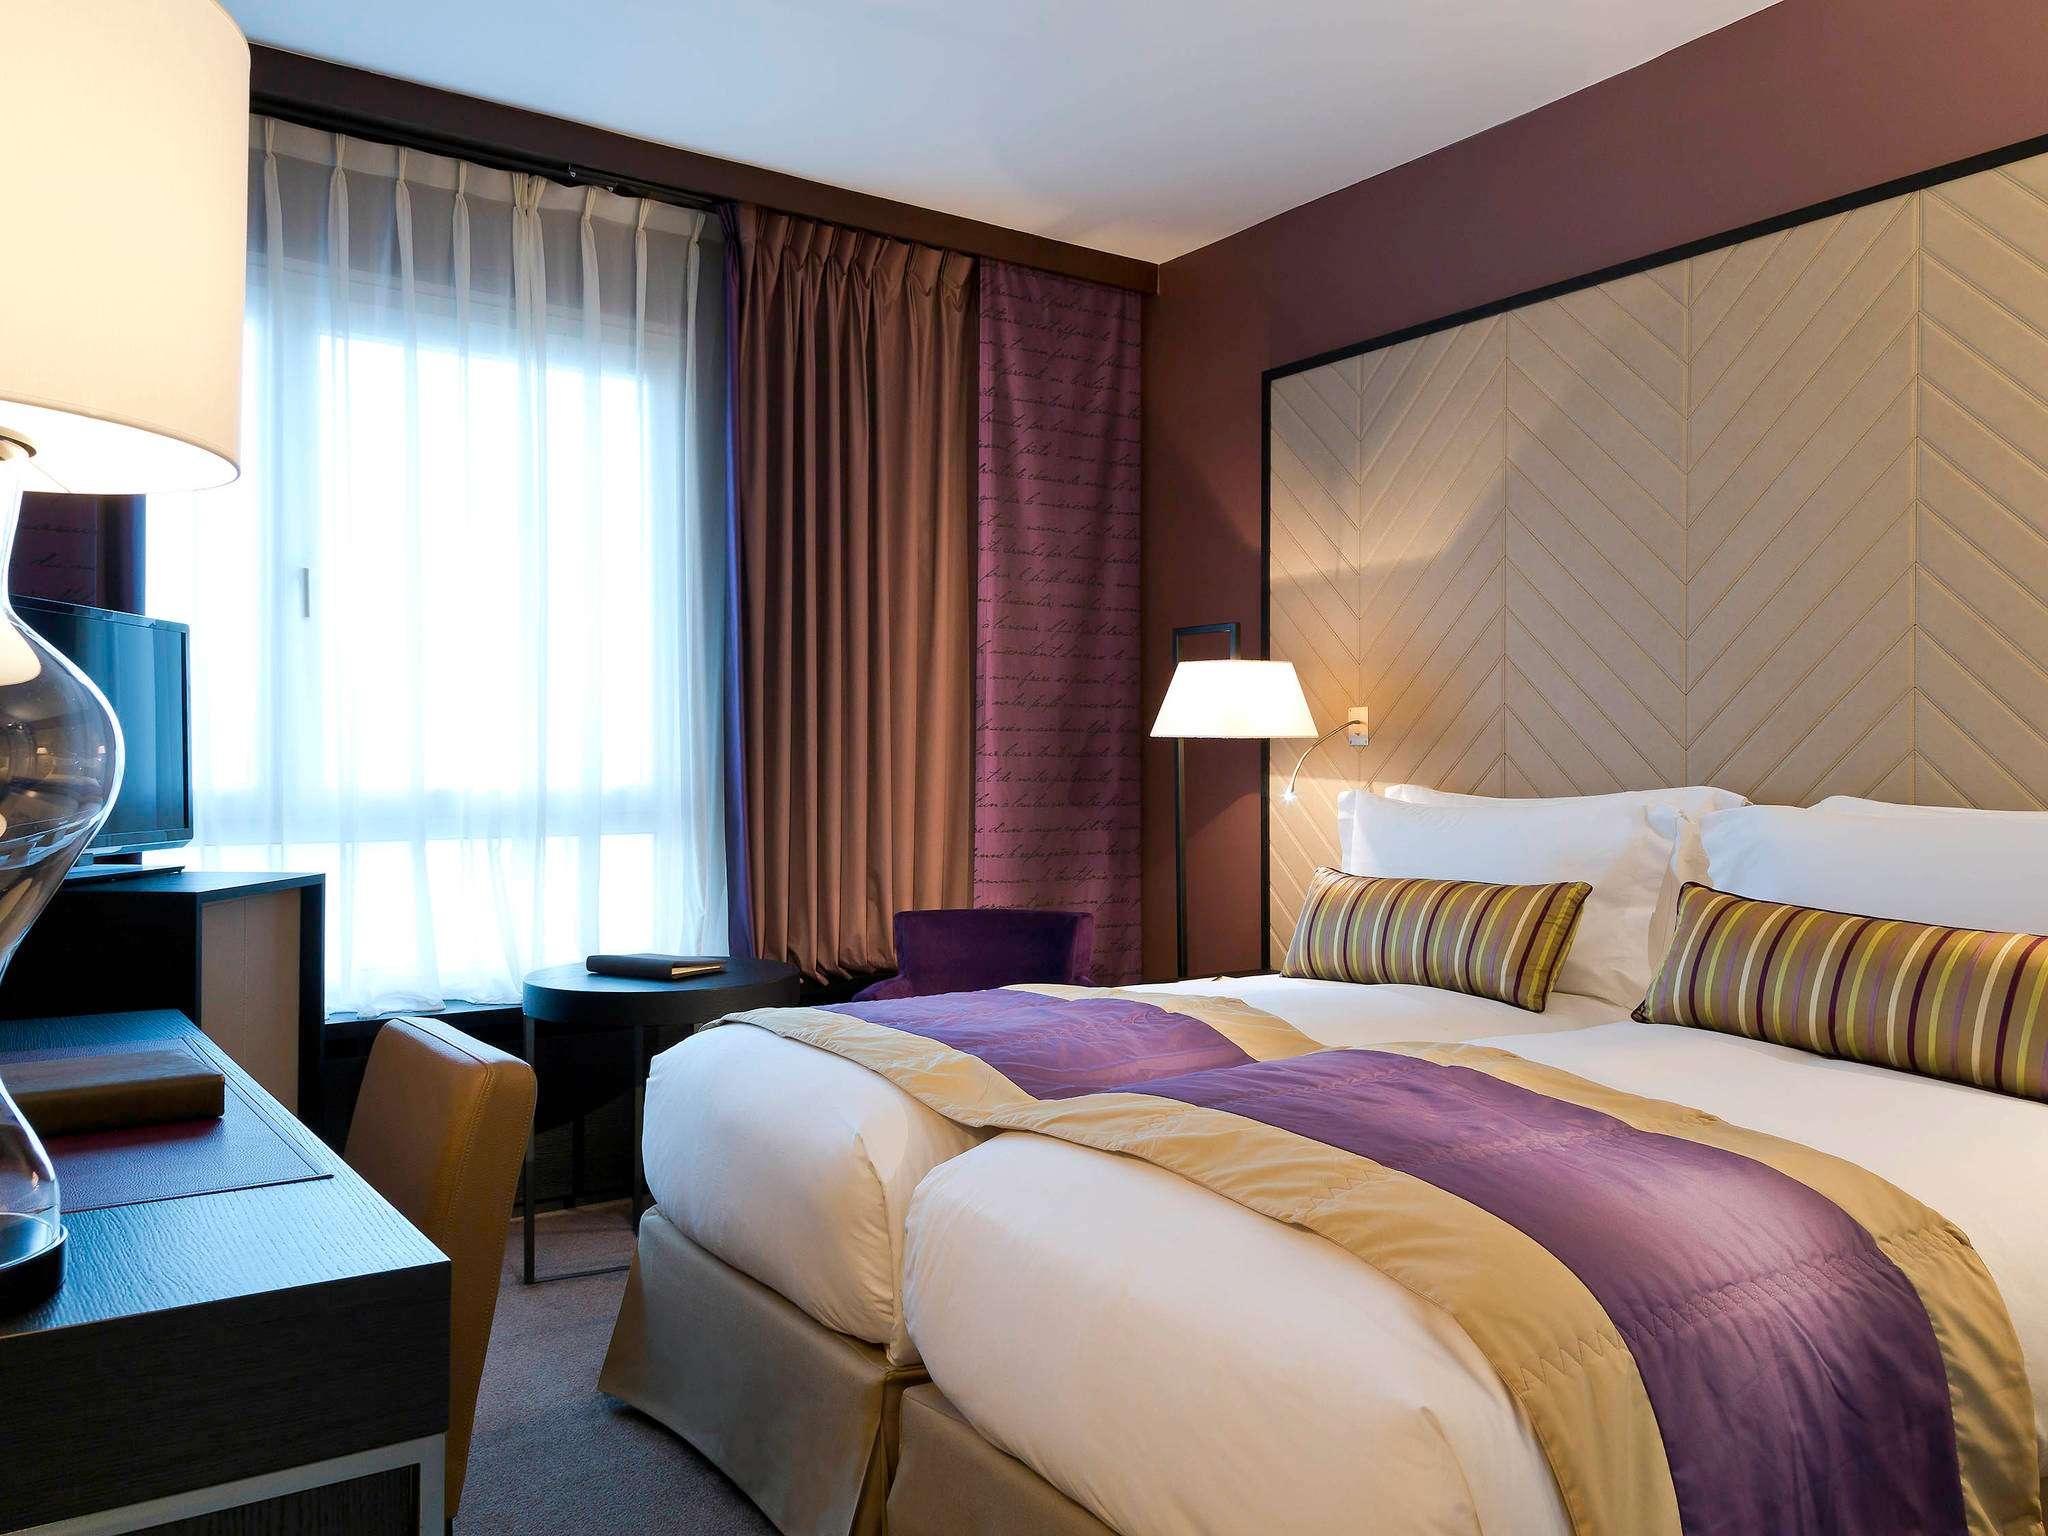 hotel in strasbourg - sofitel strasbourg grande Île